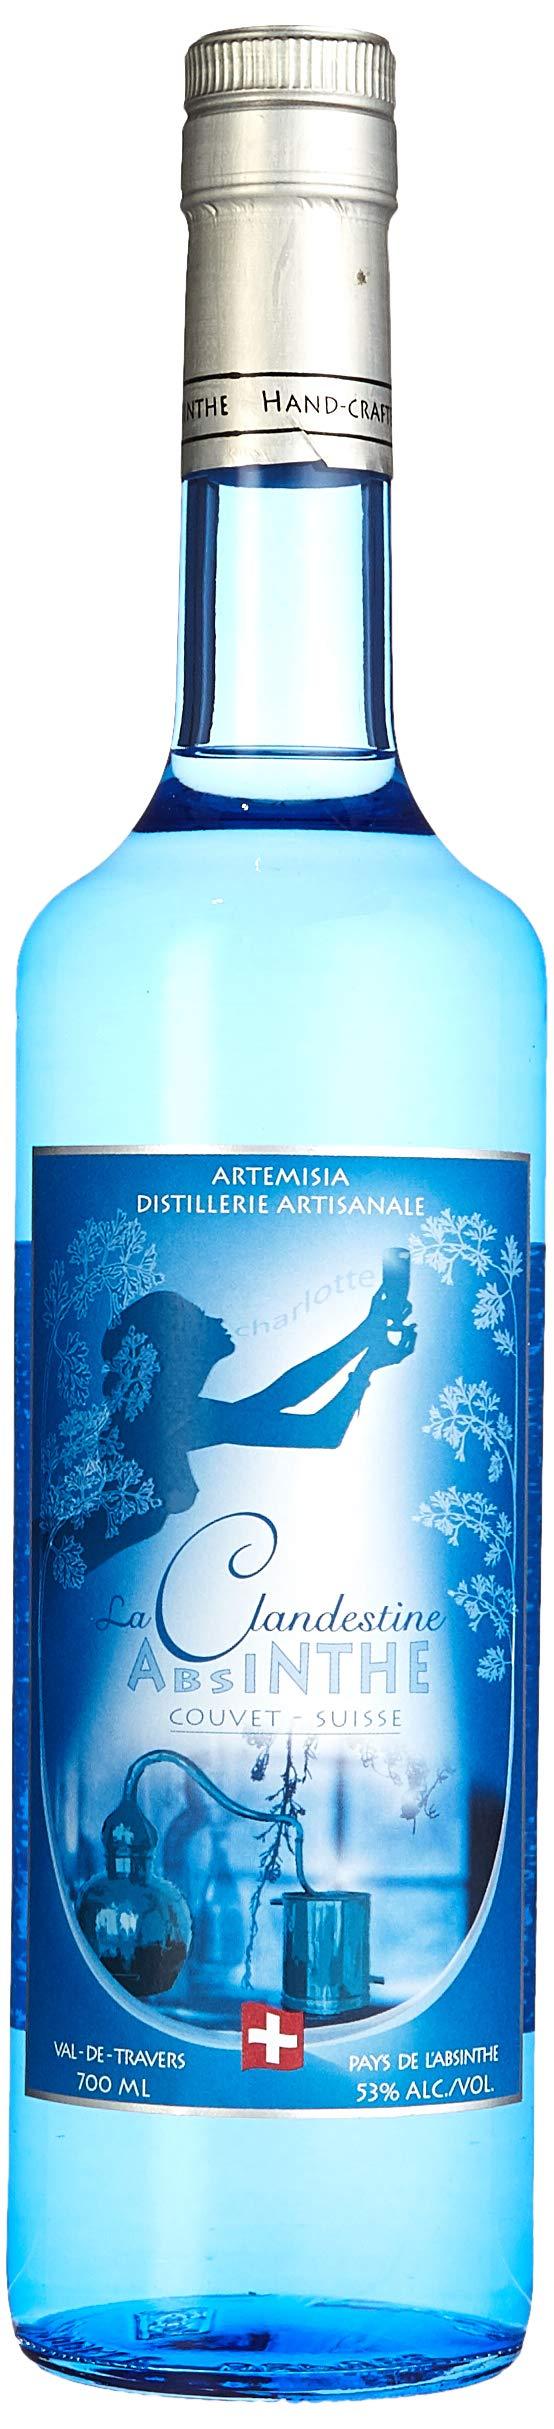 La-Clandestine-Absinthe-1-x-07-l